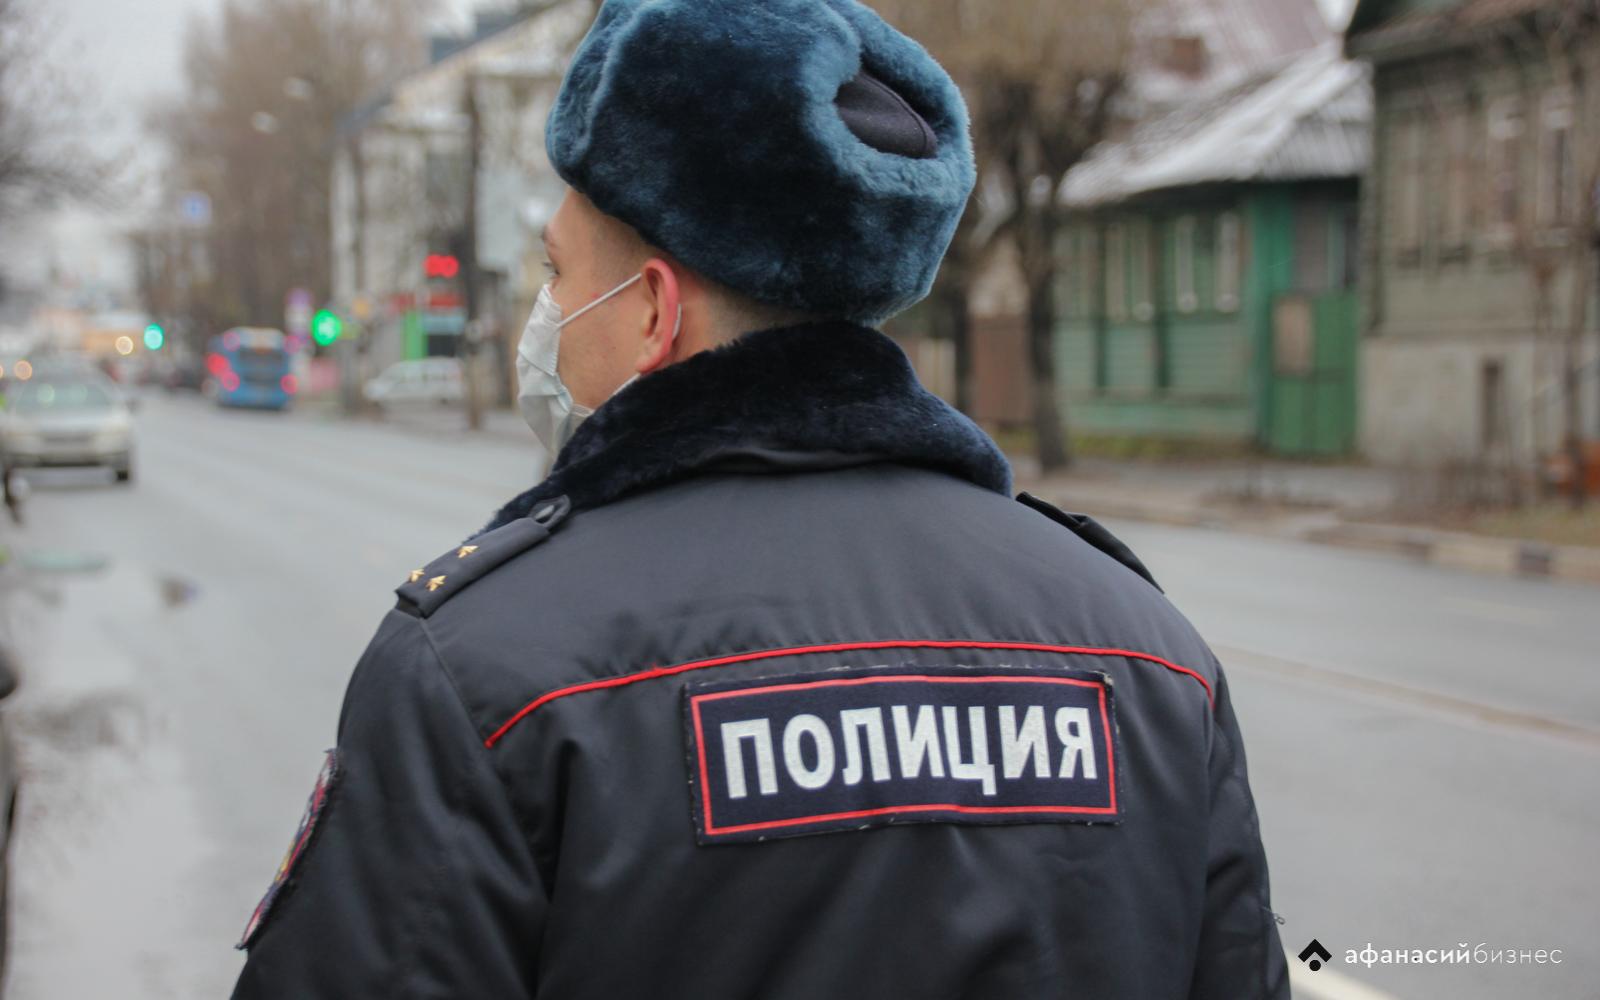 Жителя Тверской области разыскивают за нападение с ножом на мужчину в Петербурге - новости Афанасий